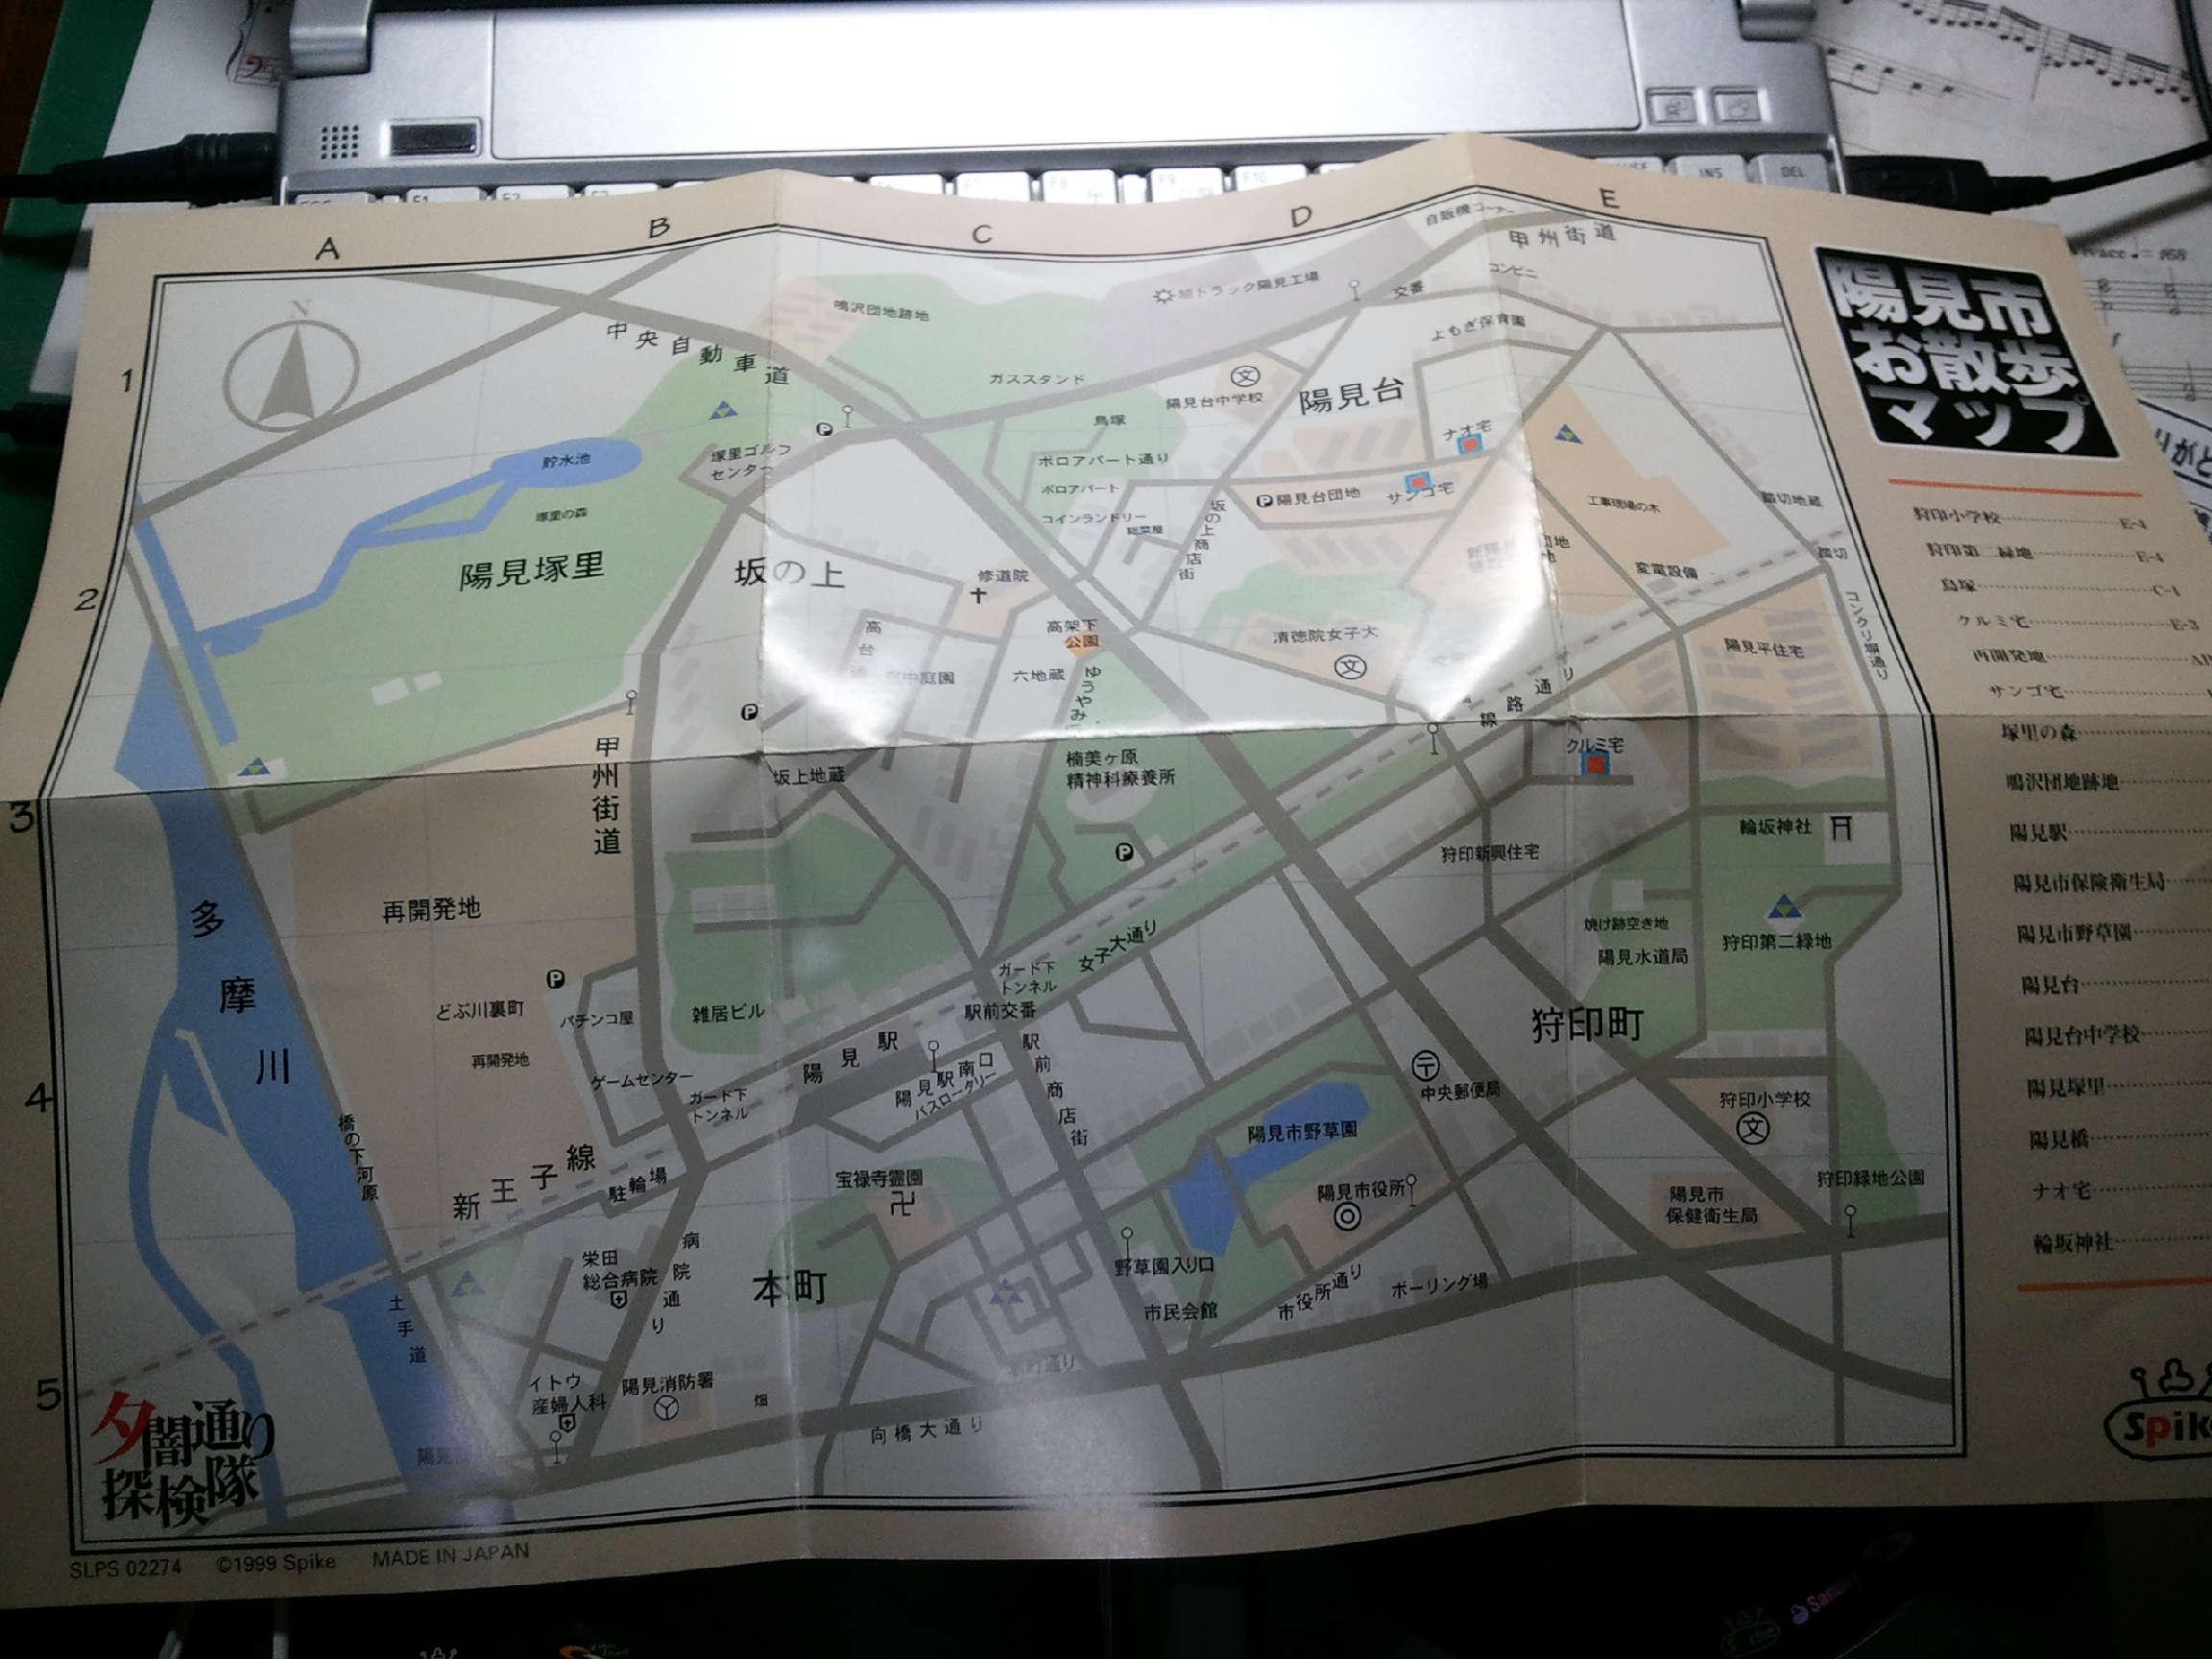 夕闇通り探検隊マップ